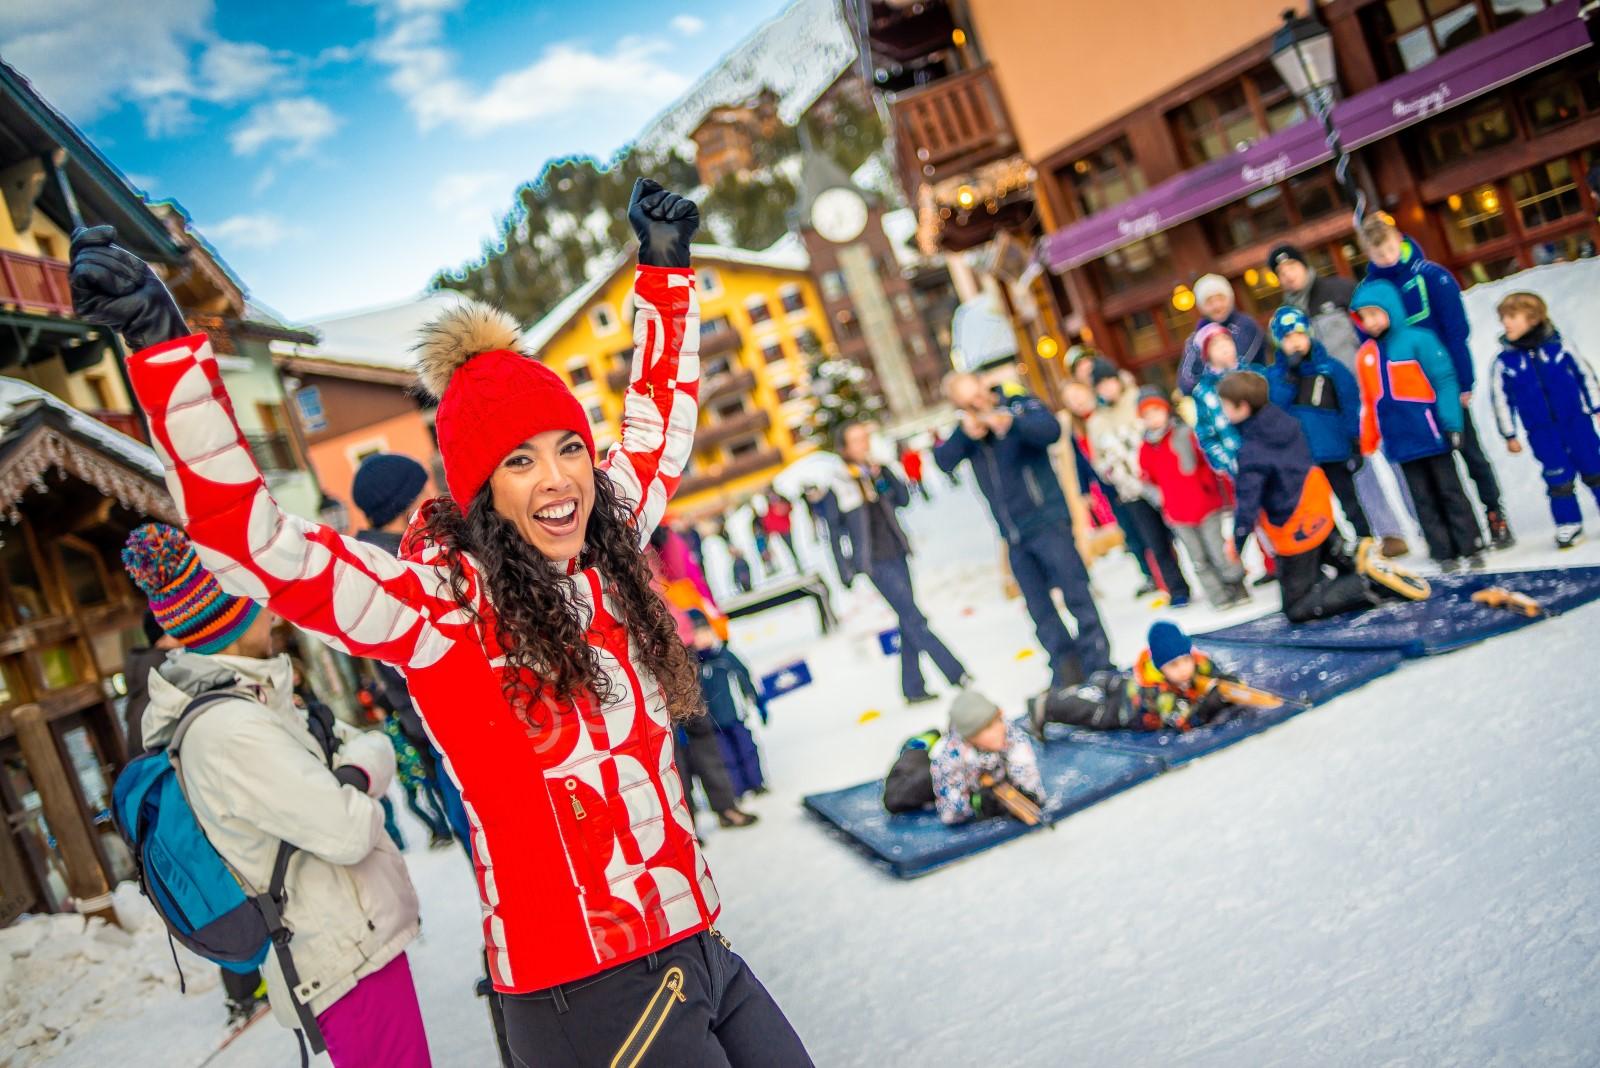 Animations pour toute la famille en station de ski de luxe, en Savoie